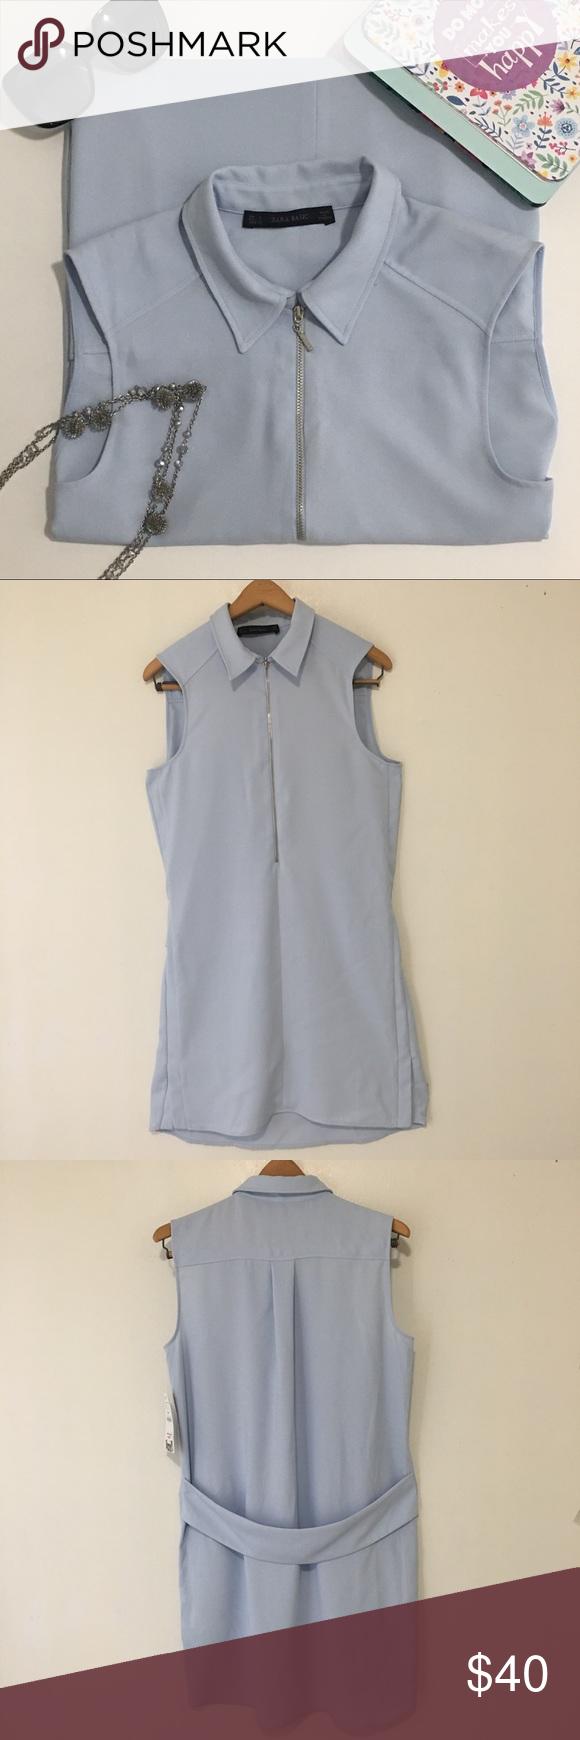 9f666bc2f76acb Zara Basic Shift Dress Knee Length Sleeveless Blue NWT! Zara Basic Shift  Dress  Small